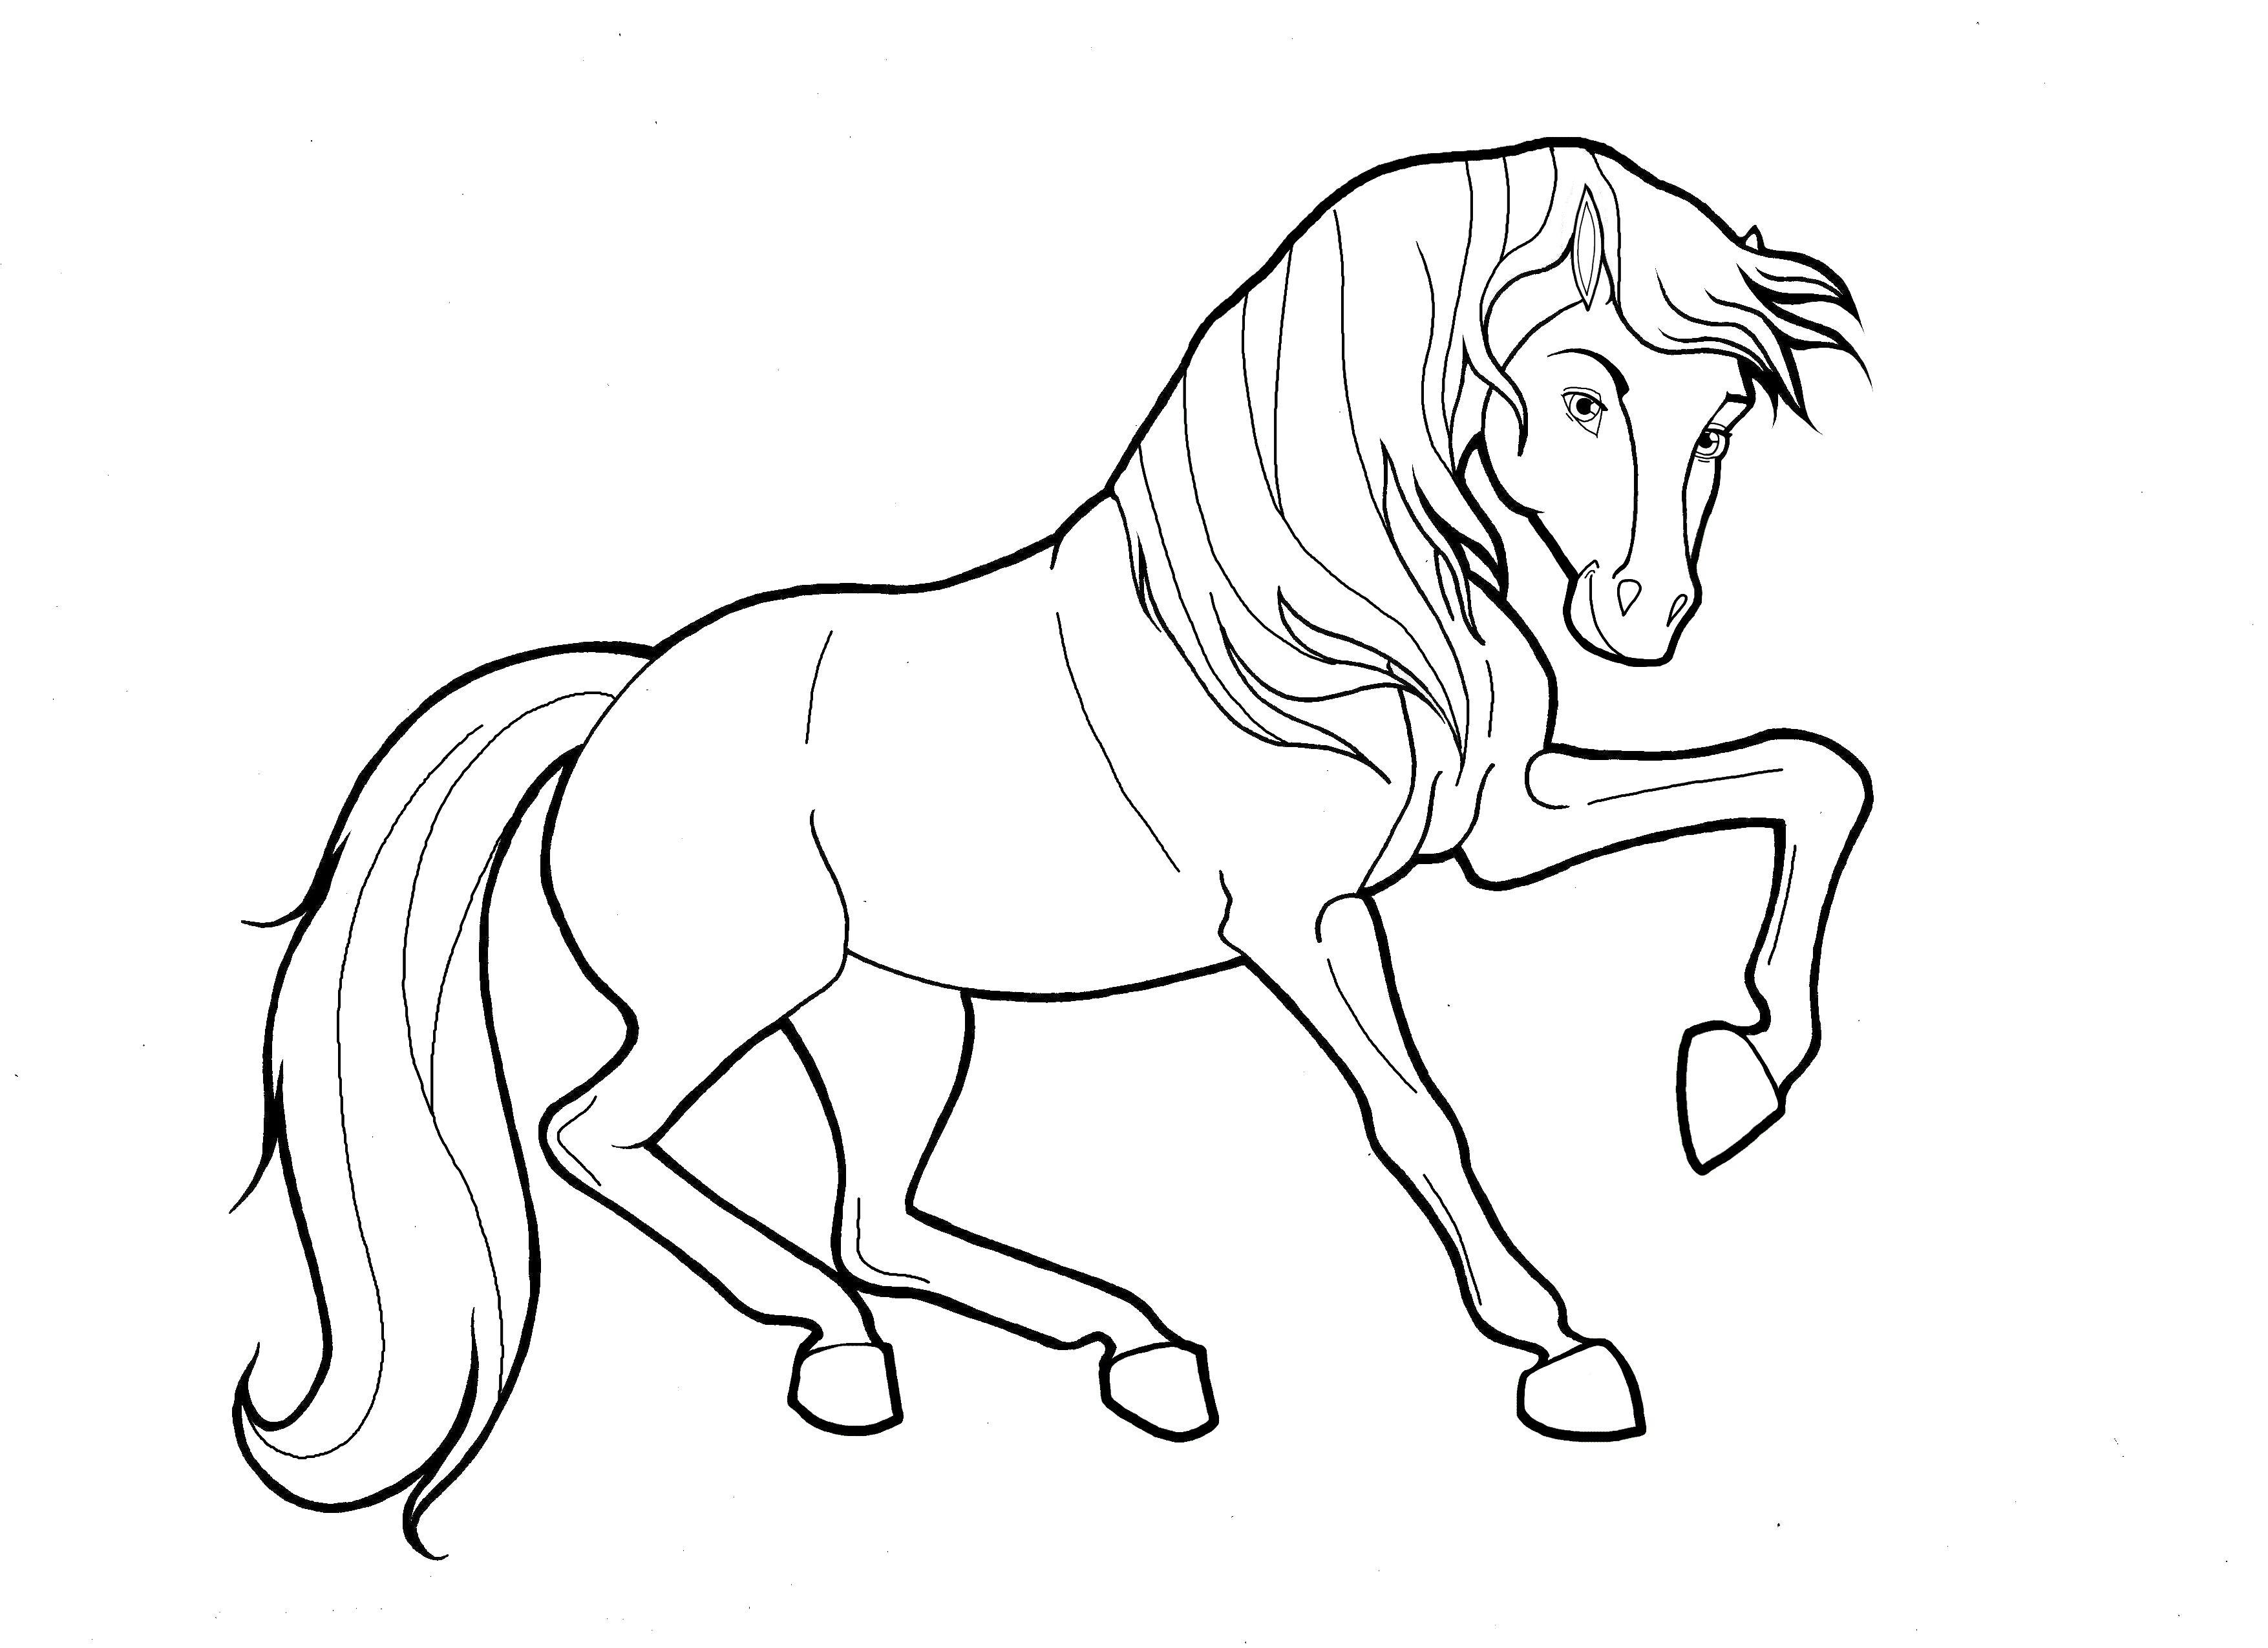 Pin By Eva Gubik On Burning Horse Coloring Pages Animal Coloring Pages Horse Coloring [ 2550 x 3509 Pixel ]